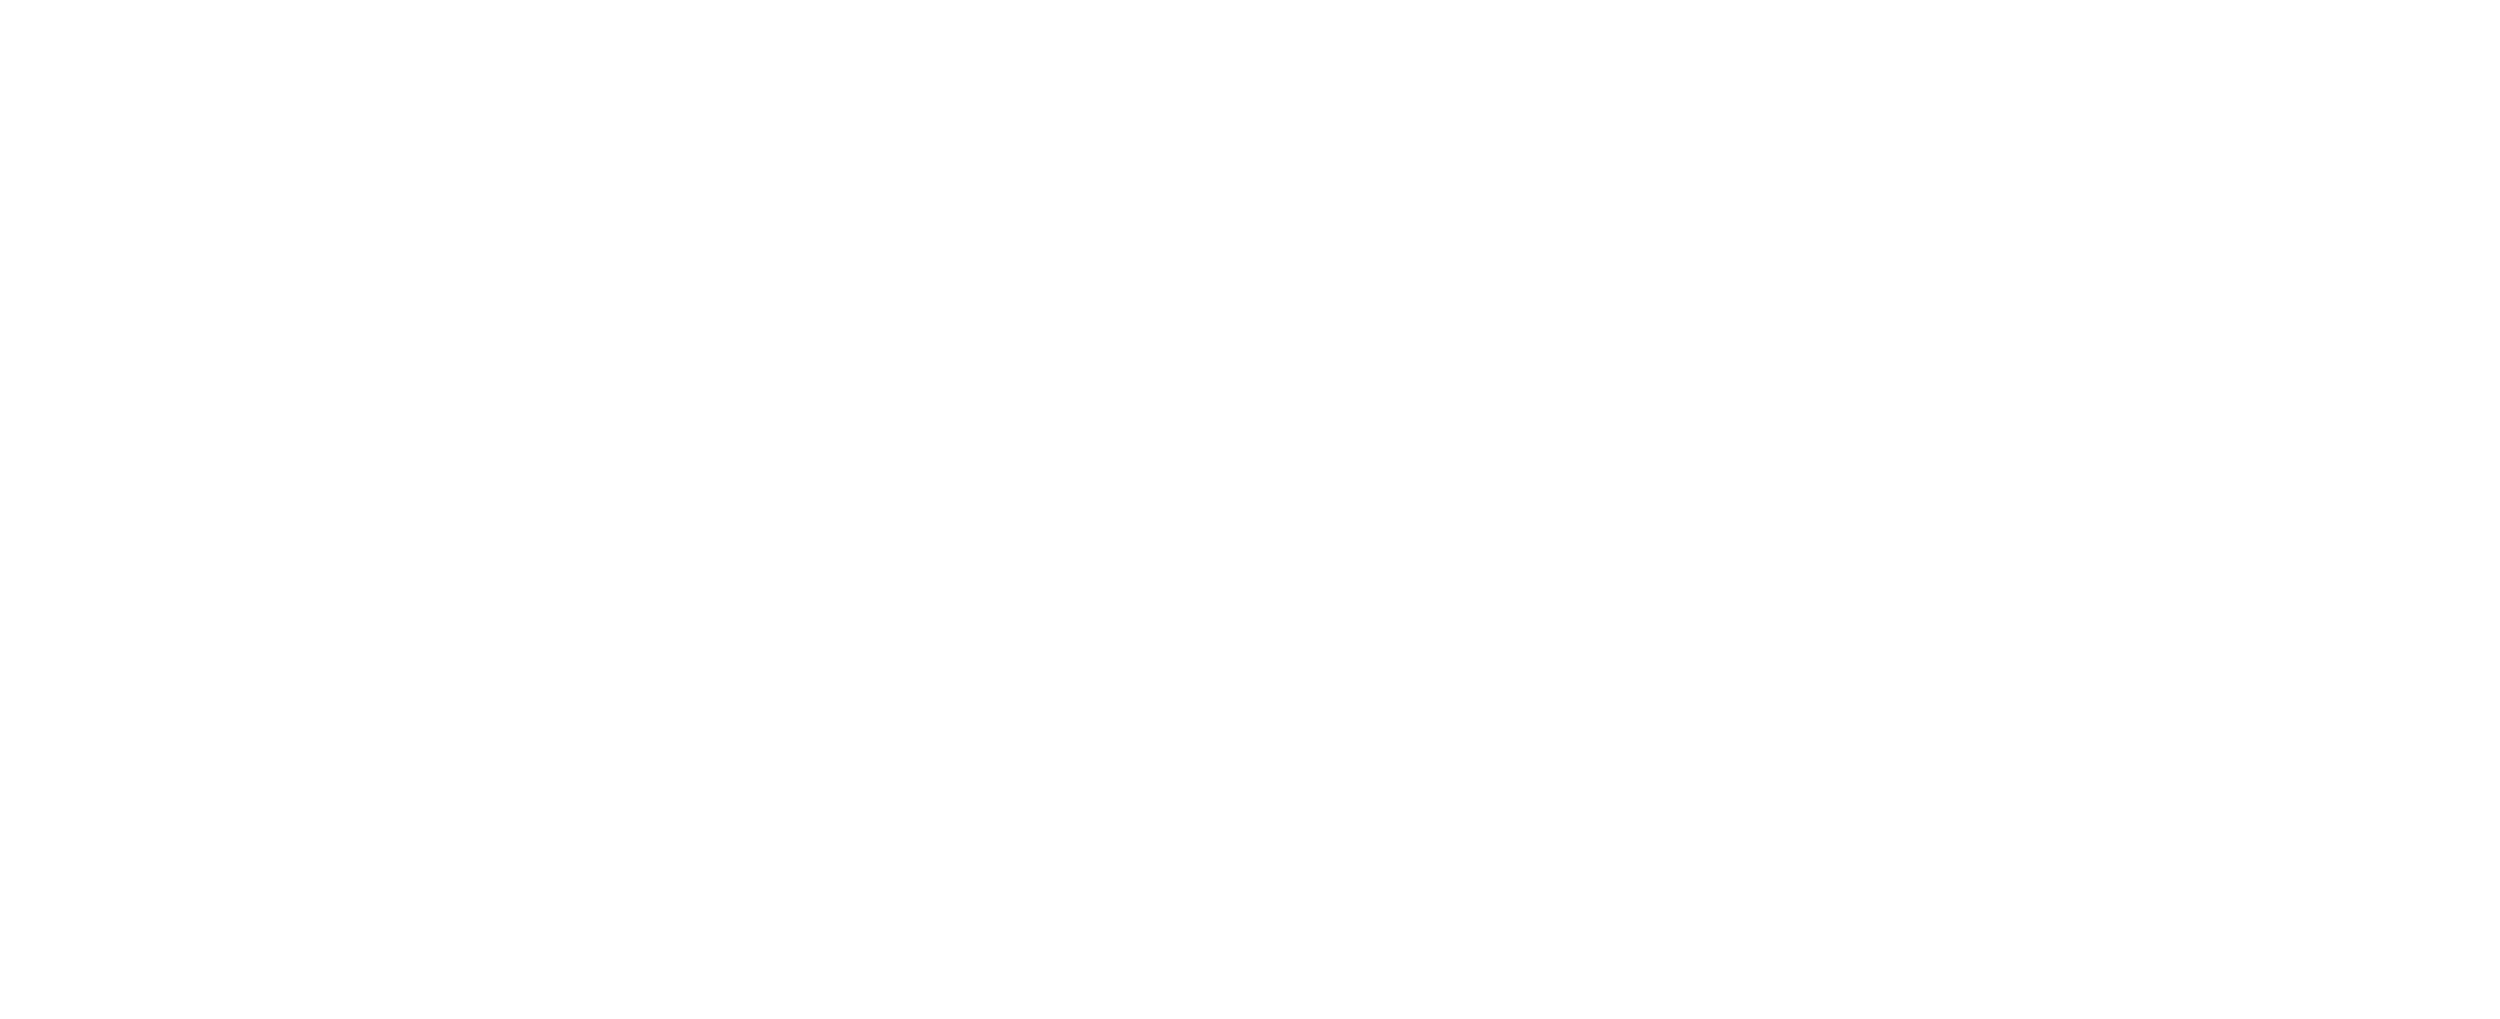 Distillery Tours & Tastings